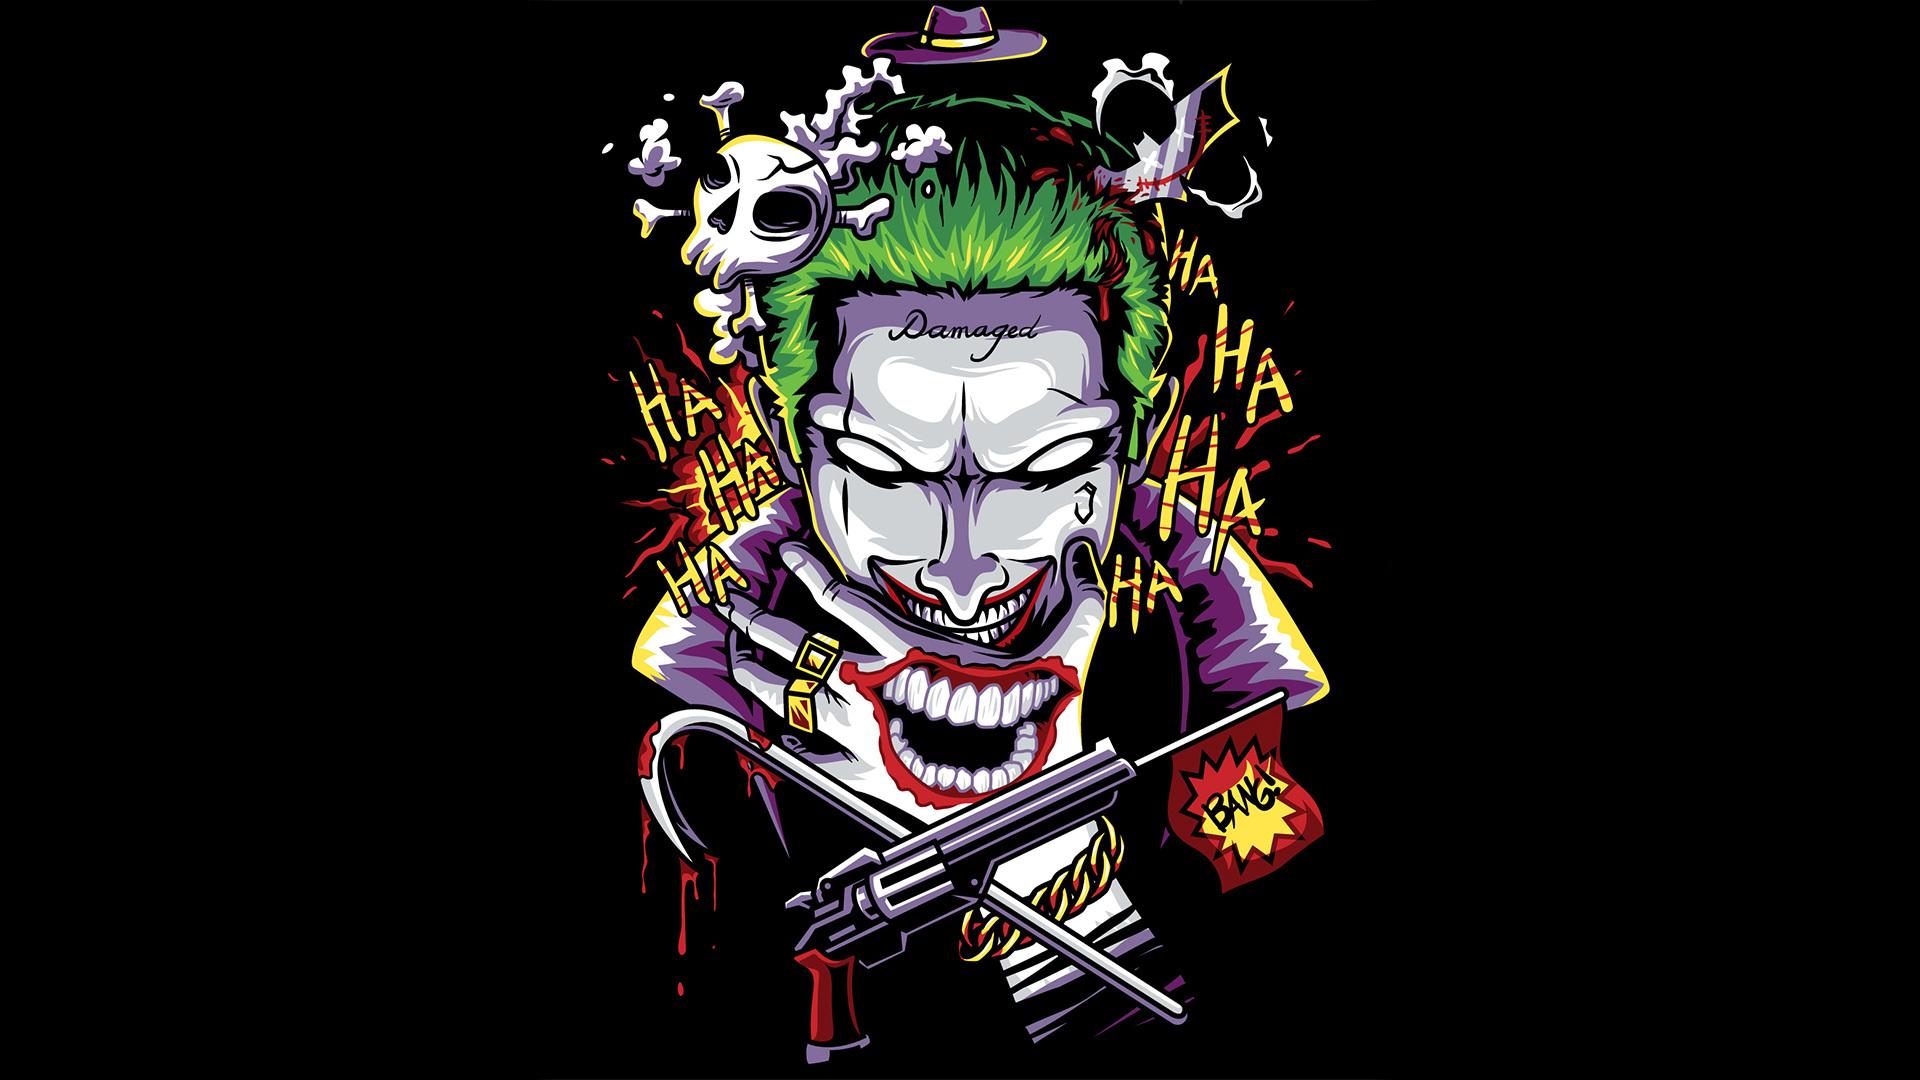 joker-damage-art-om.jpg